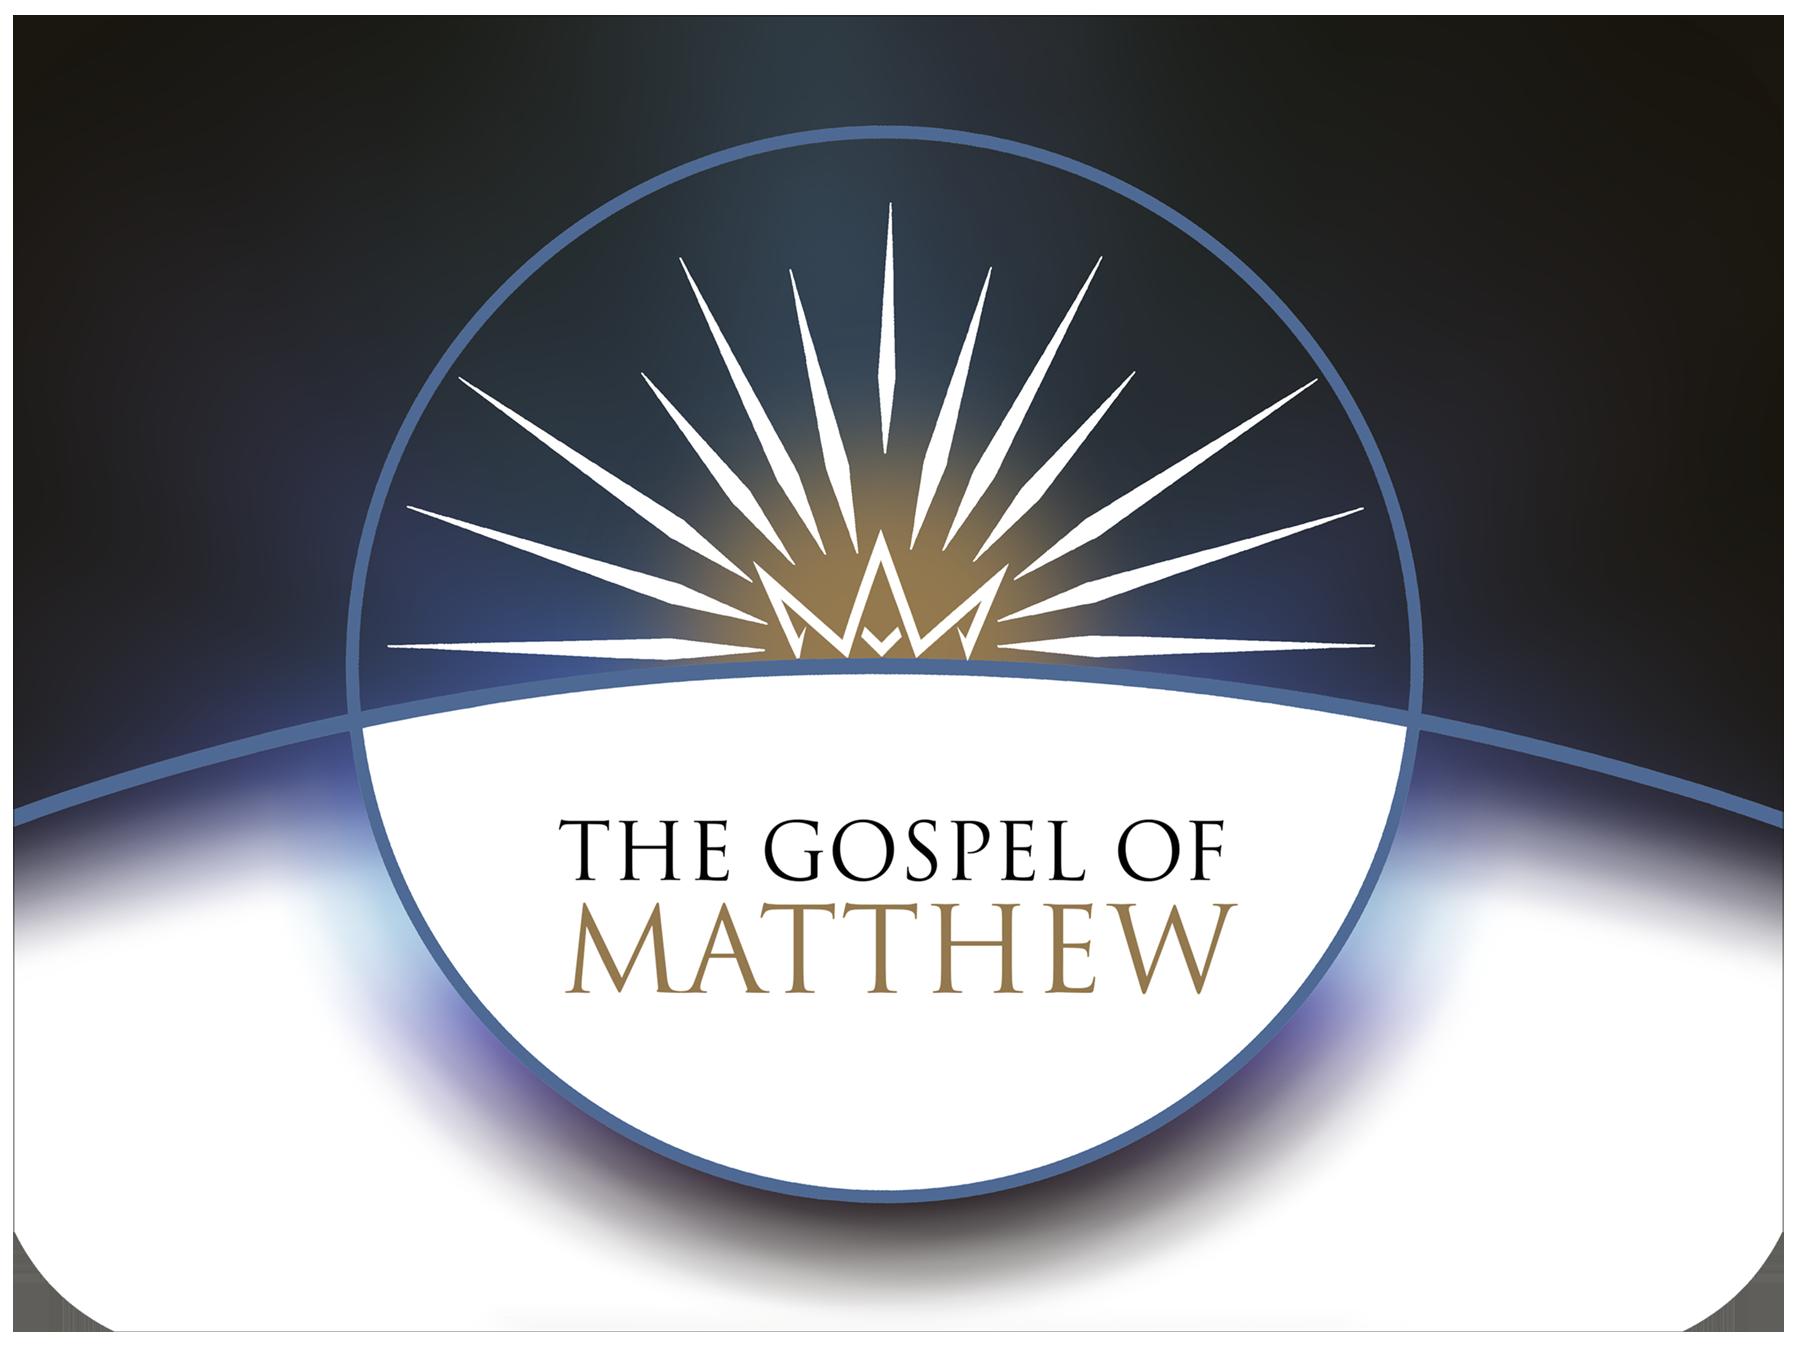 Gospel of Matthew_website homepage